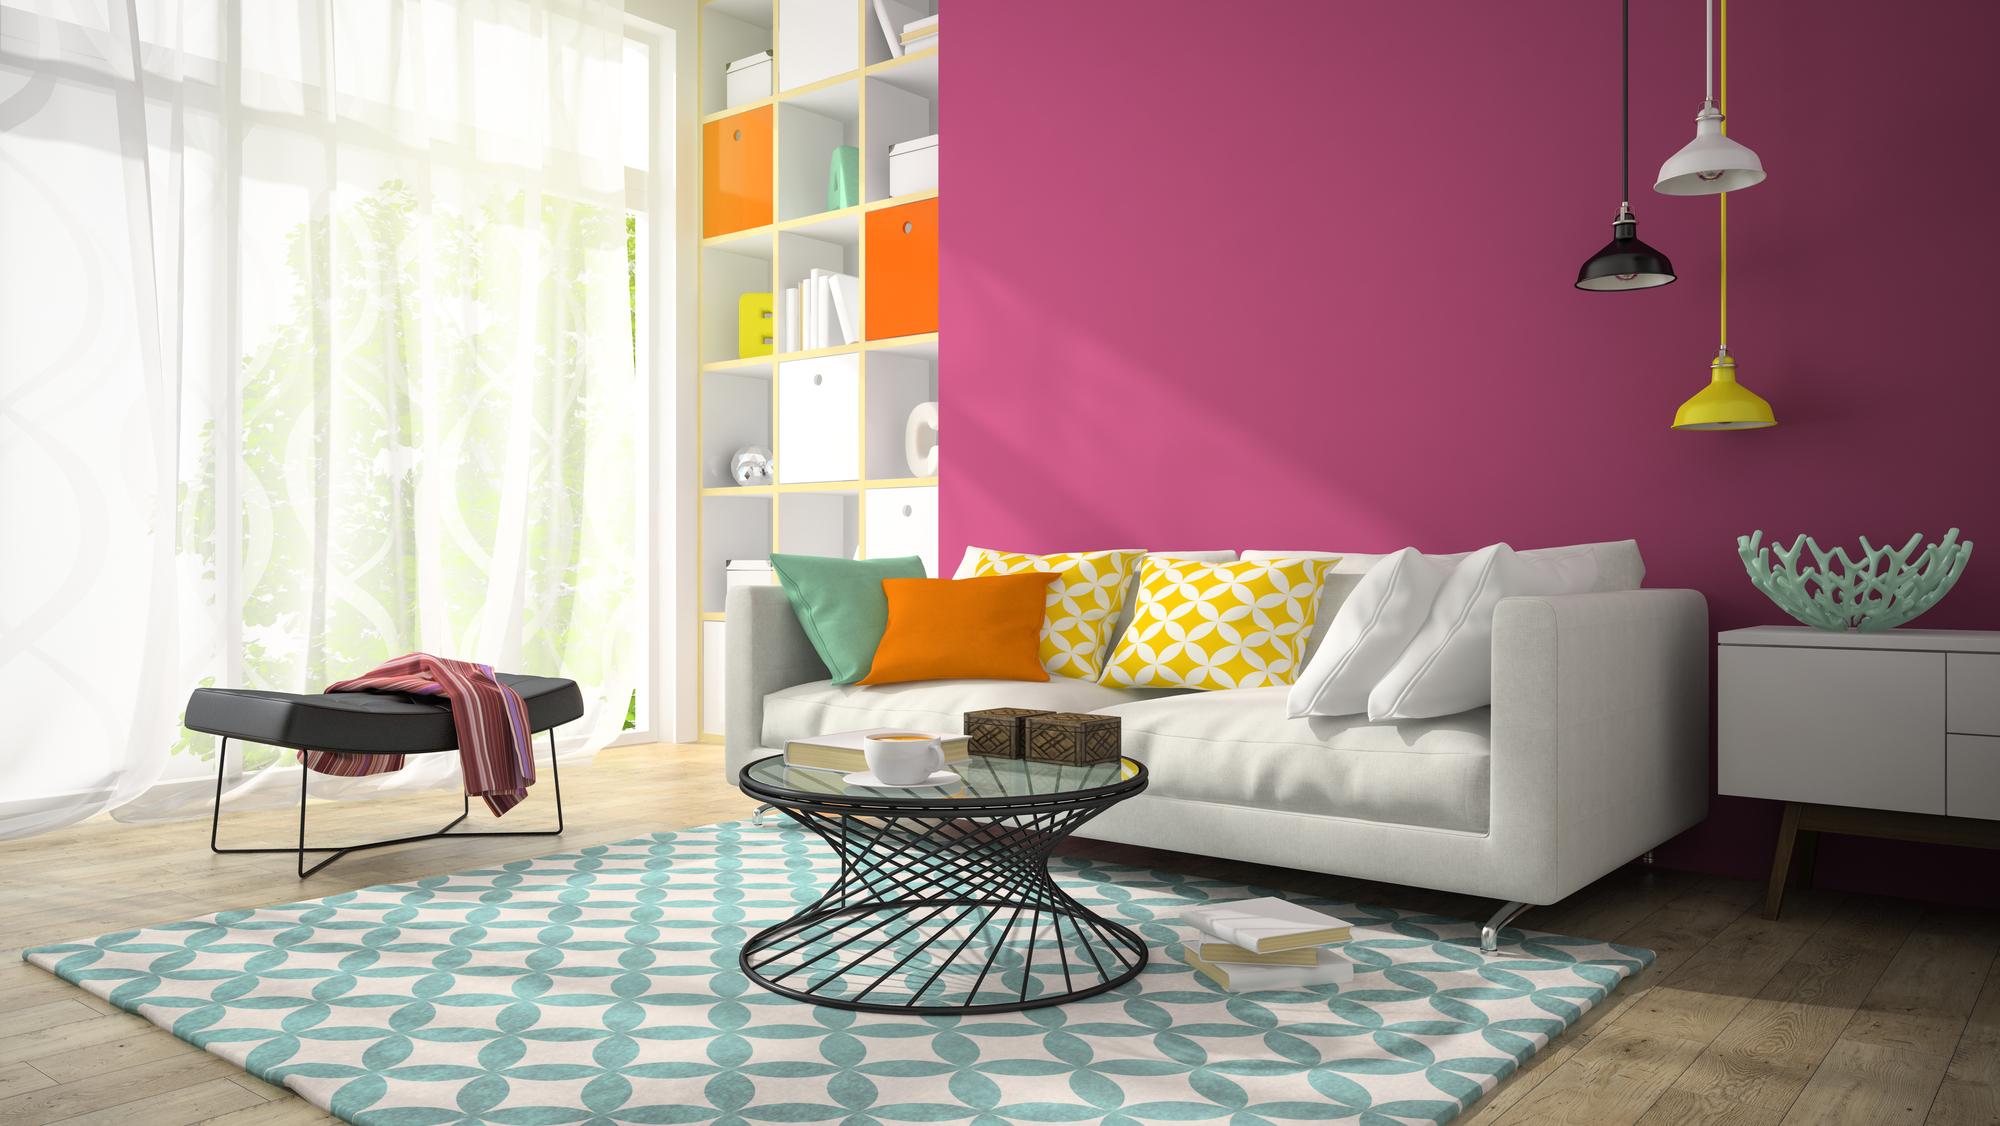 【お部屋をお気に入りのデザインに仕上げる≪壁仕上げ材≫の選び方】